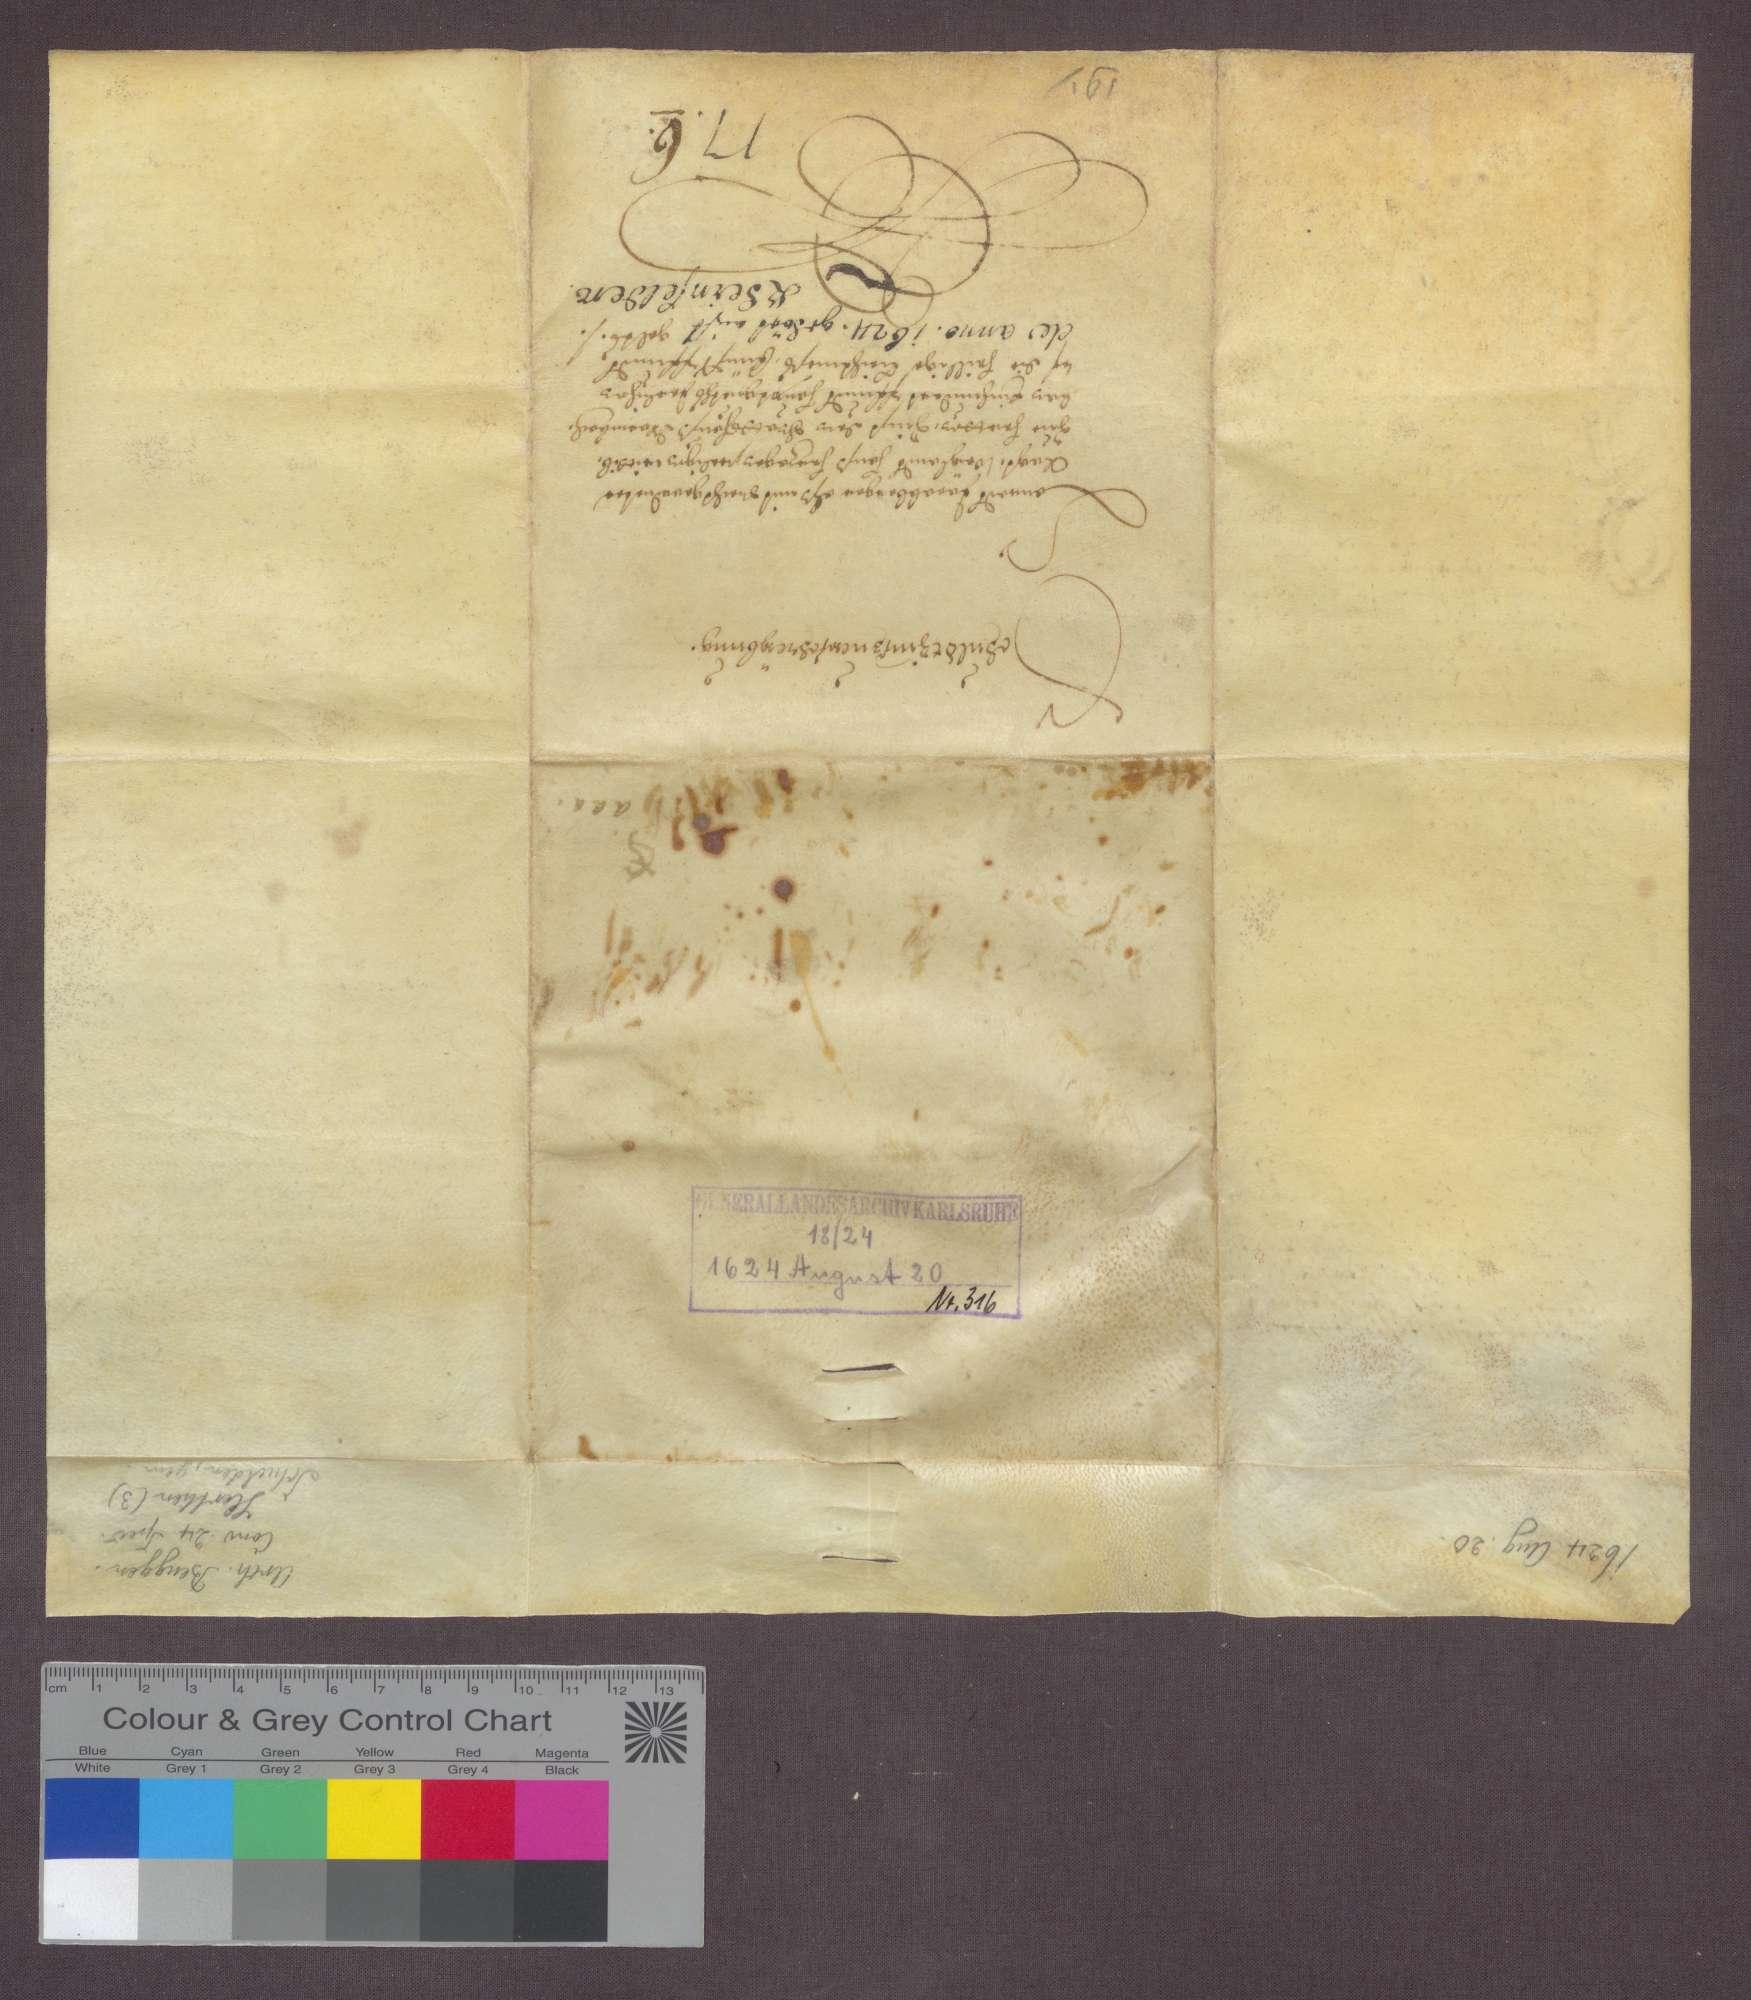 Die Witwe Hans Herzogs zu Herten verschreibt sich gegenüber der Kirche zu Warmbach wegen jährlich 5 Pfund Stebler Zins aus 100 Pfund Kapital., Bild 2